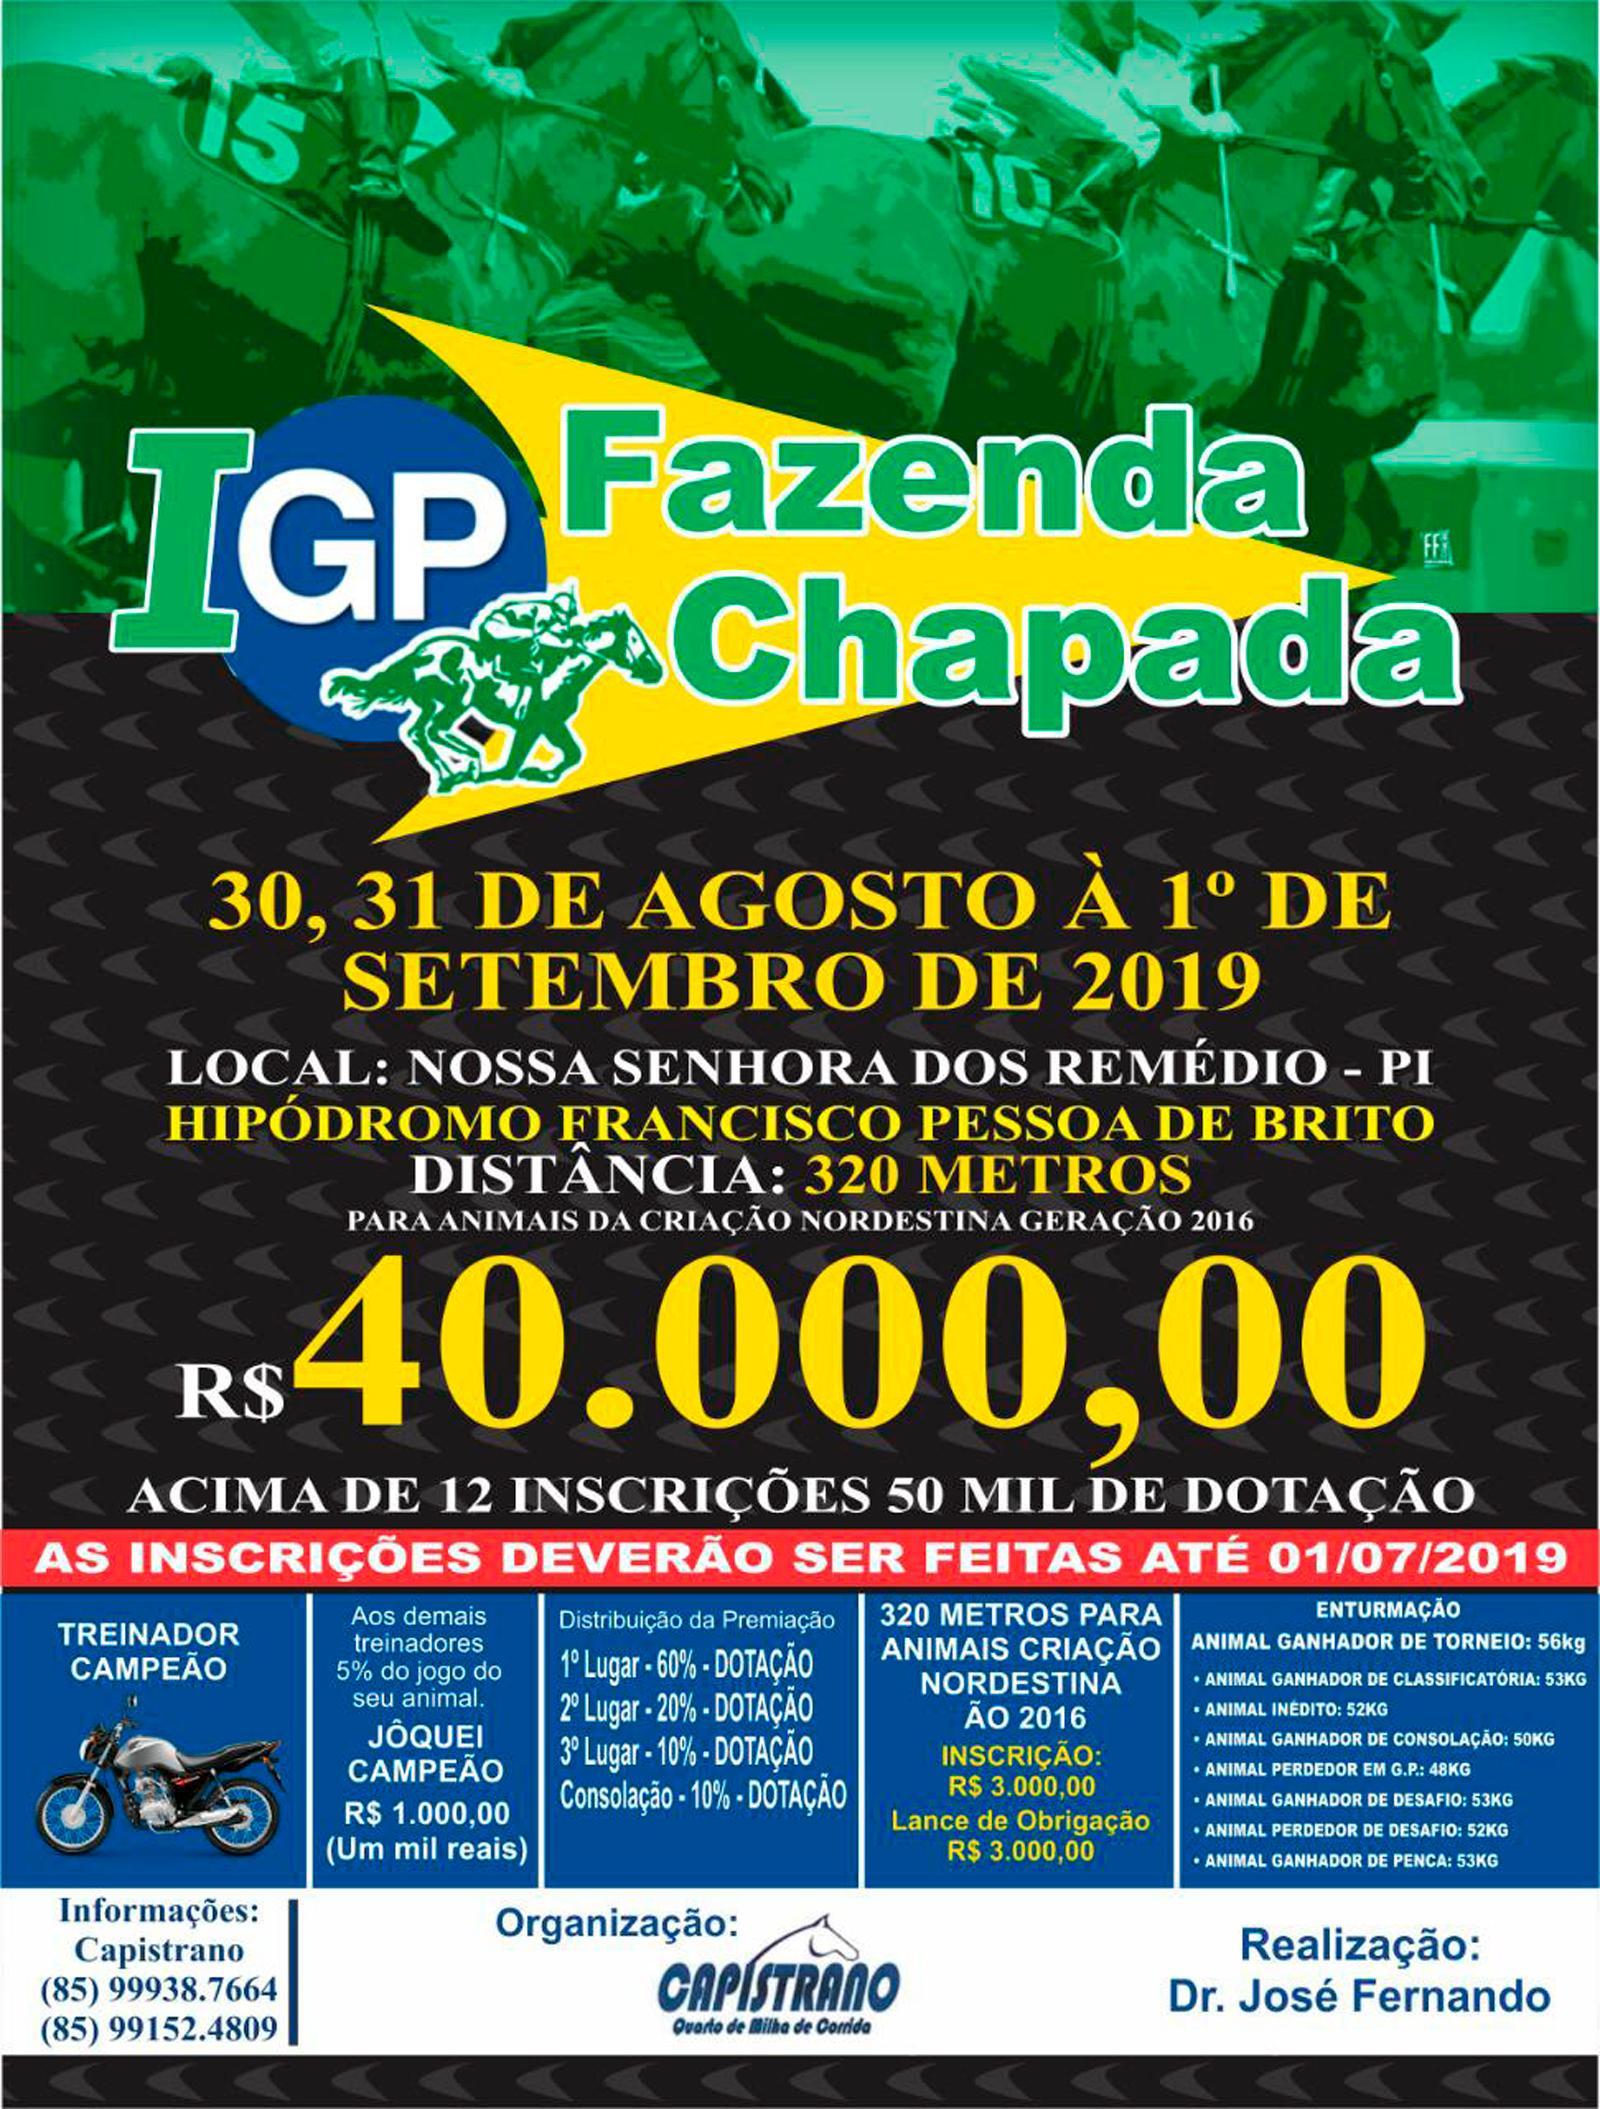 I GP FAZENDA CHAPADA - NOSSA SENHORA DOS REMÉDIOS - PI